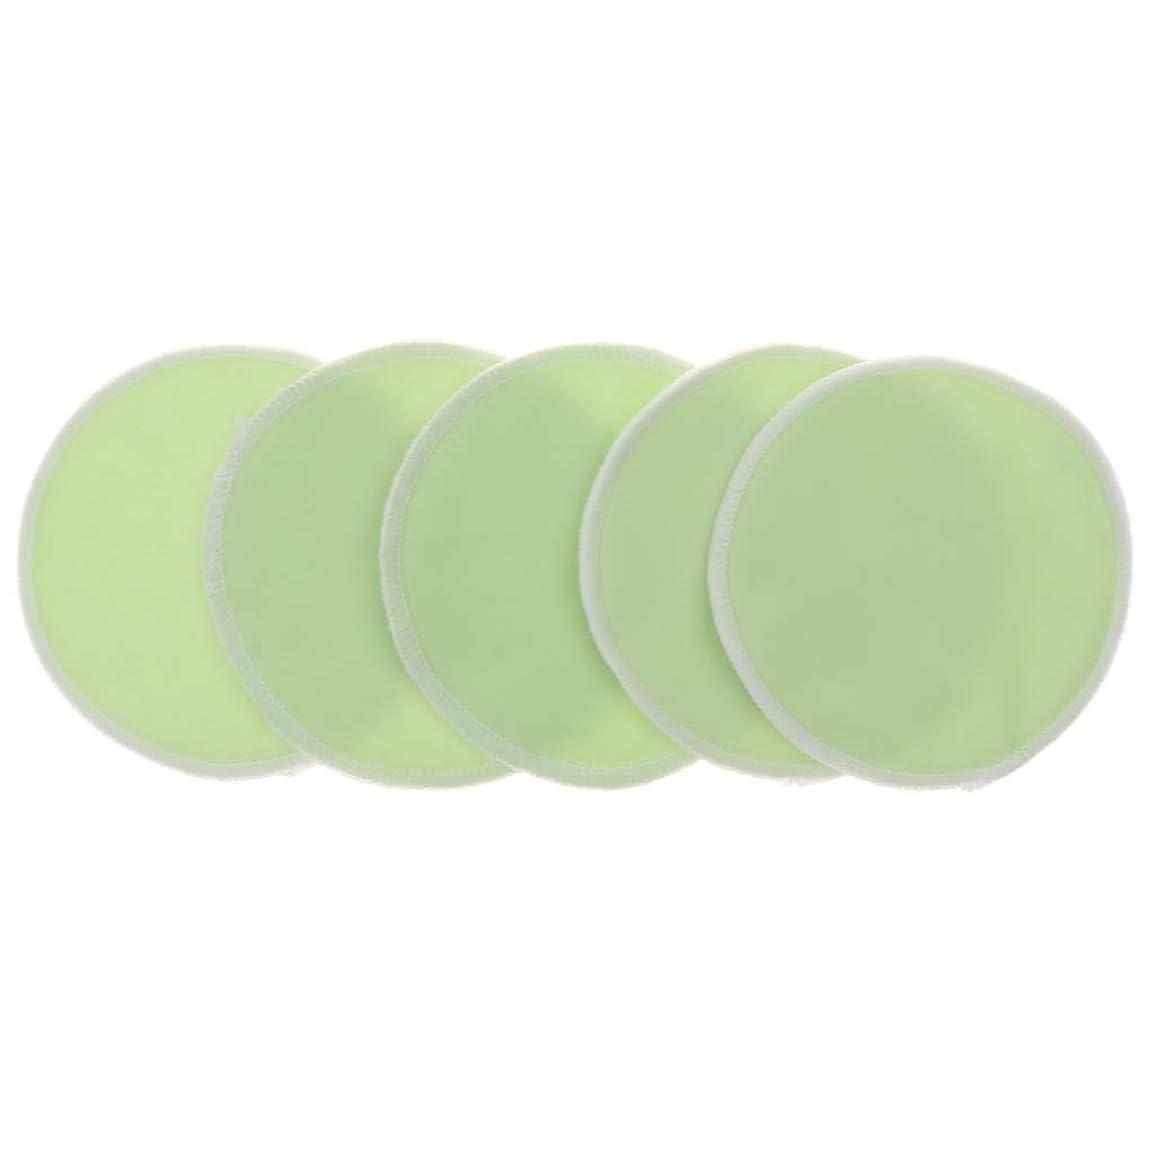 コントロール強調するコントロールD DOLITY 胸パッド クレンジングシート メイクアップ 竹繊維 円形 12cm 洗濯可能 再使用可 5個 全5色 - 緑